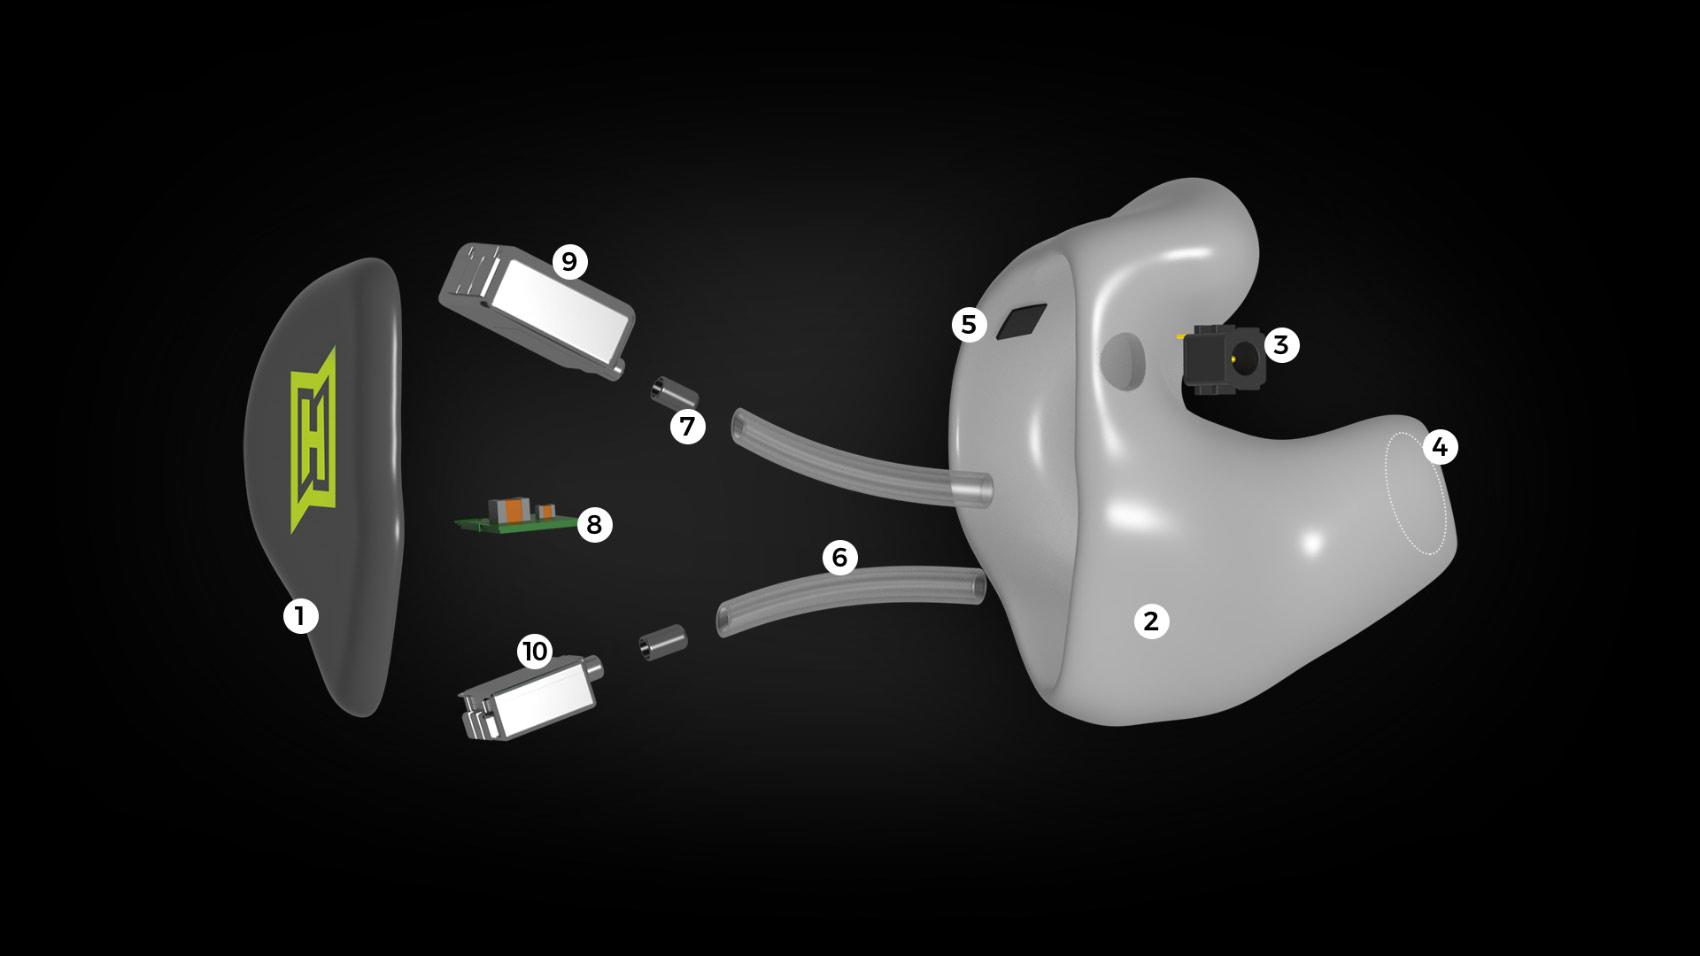 Aufbau eines HEAROS PRO 2 mit all seinen technischen Komponenten.